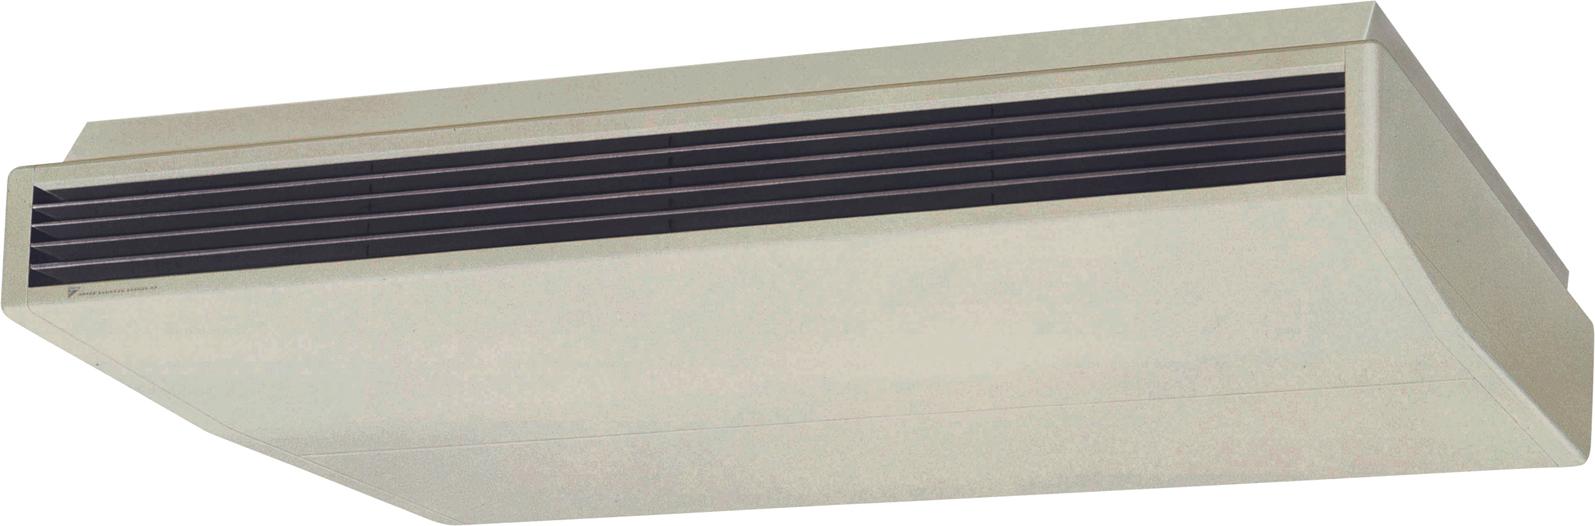 ###ダイキン 業務用エアコン【SZZH280CJ】 天井吊形〈標準〉タイプ ペア 10馬力 ワイヤード 三相200V Eco ZEAS